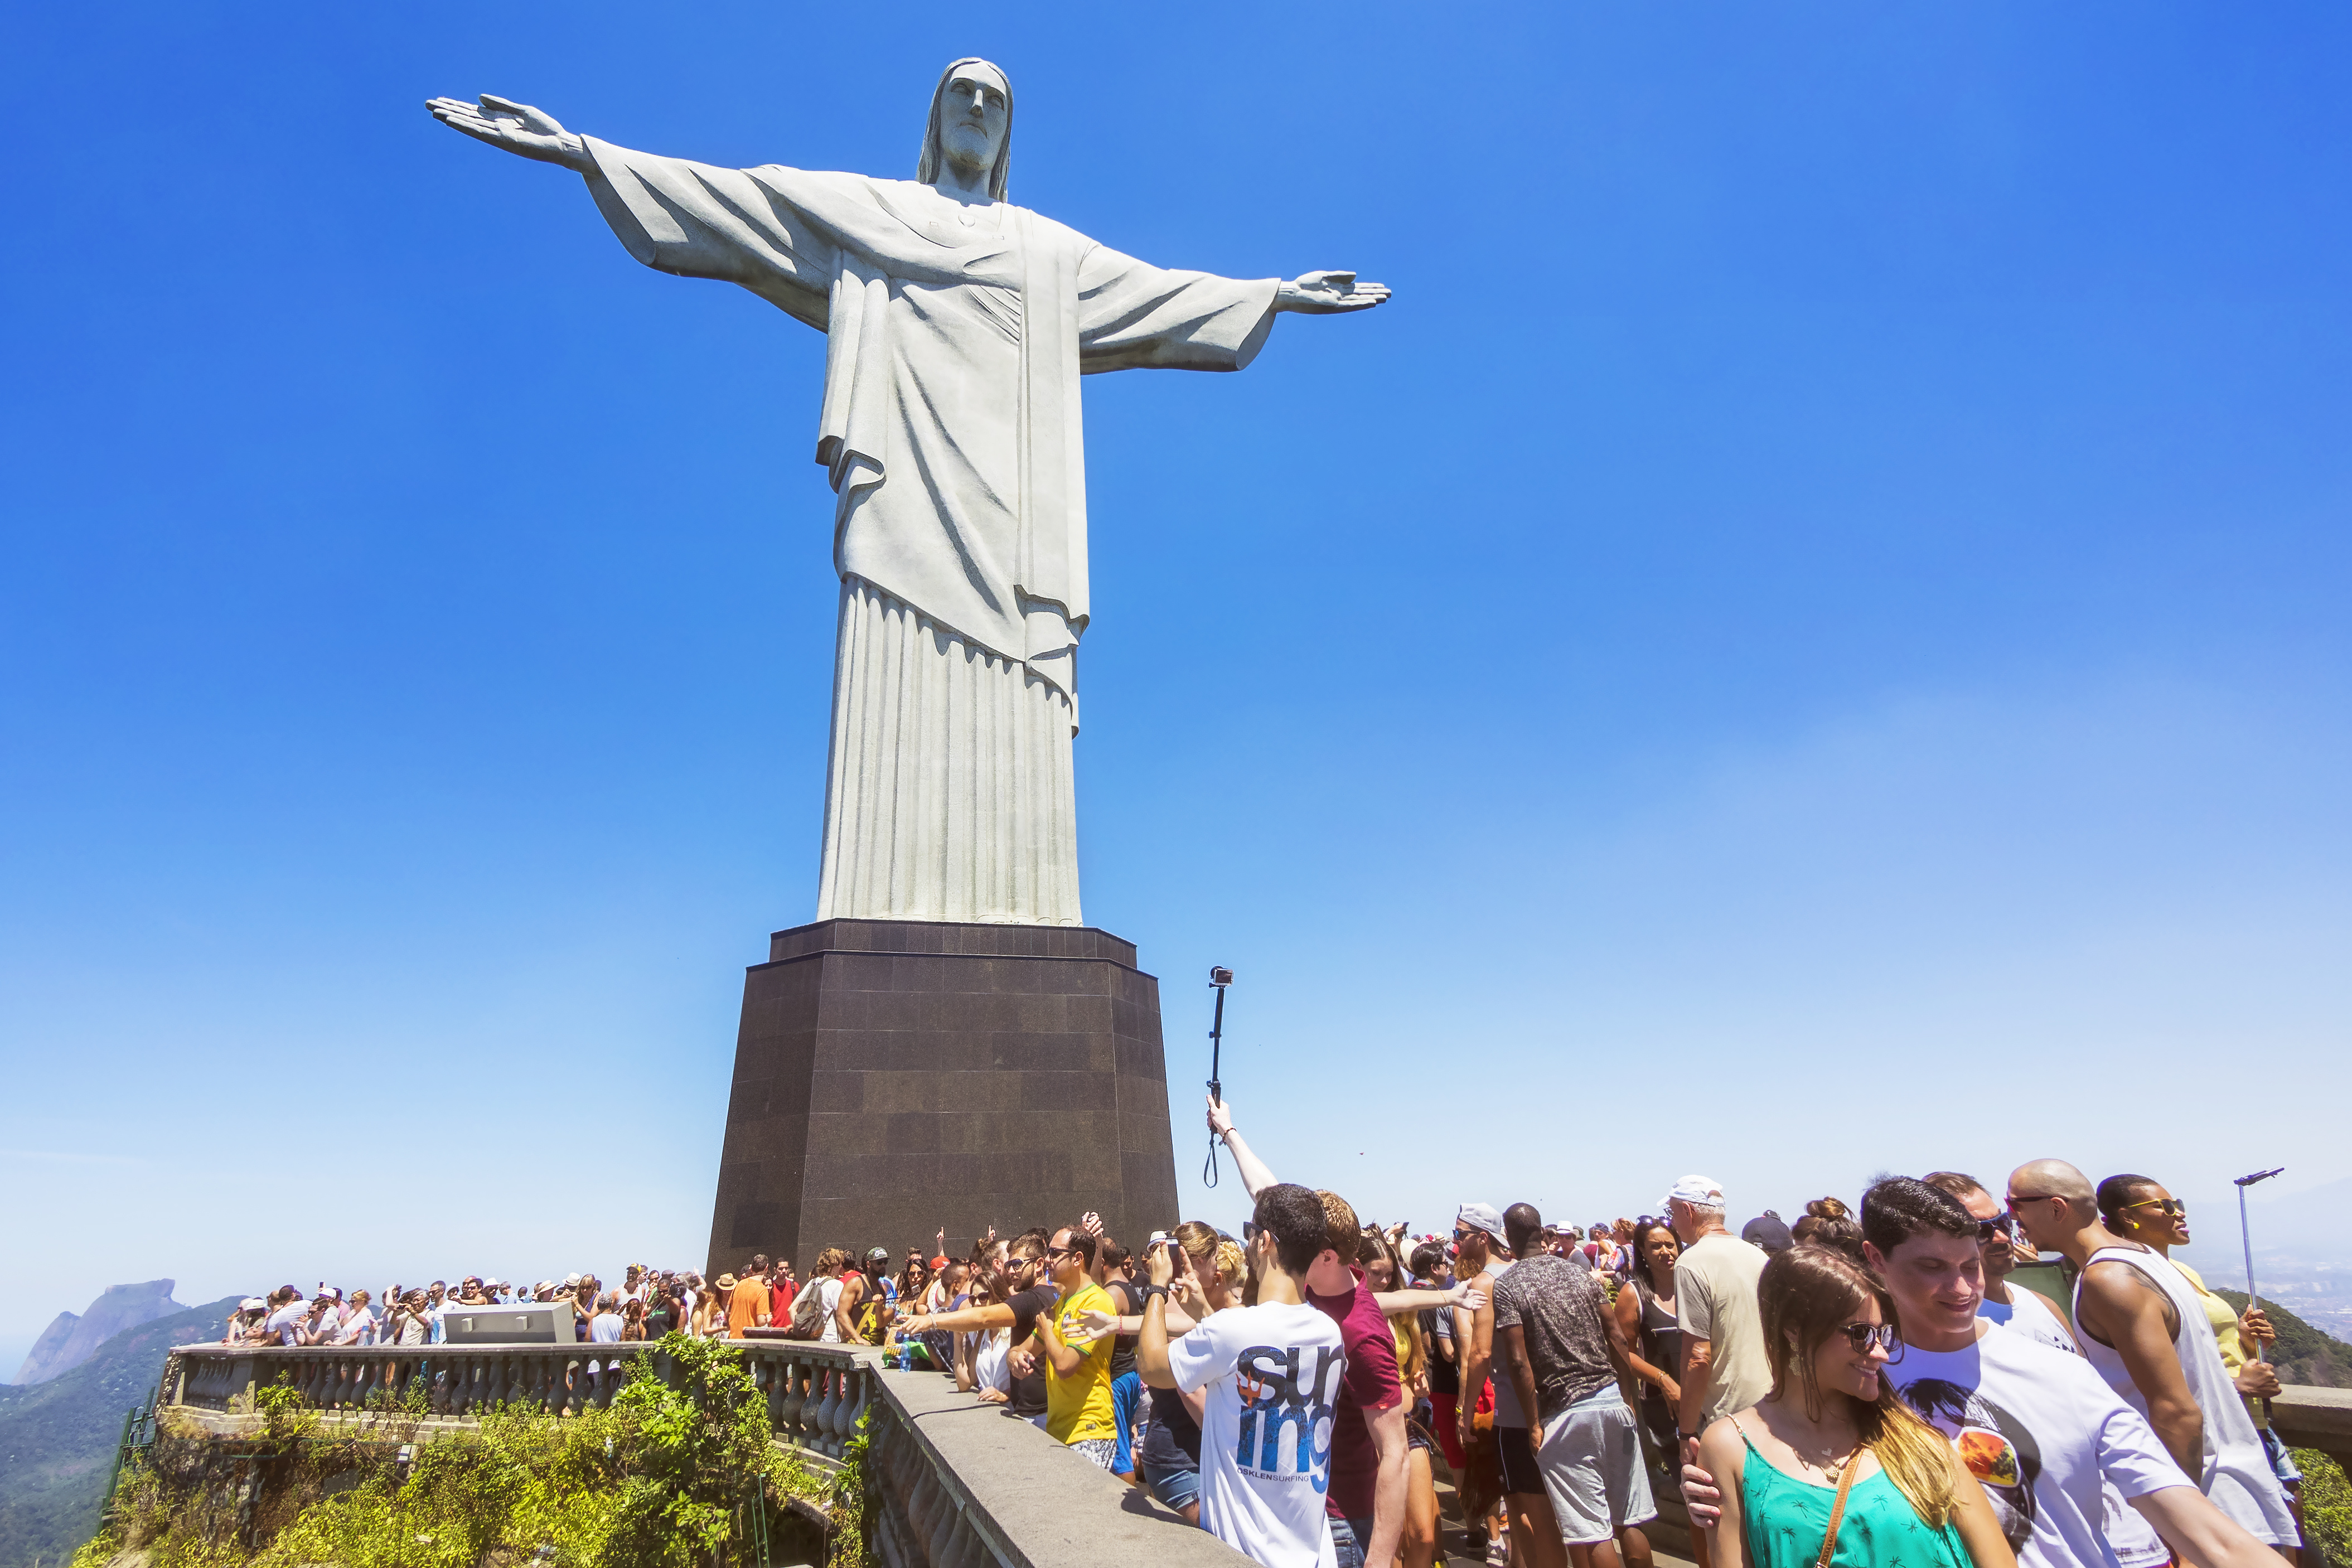 Río de Janeiro es la ciudad más bella y más famosa de Brasil. Su geografía única ofrece un sinfín de opciones de deporte, ocio y turismo (iStock)